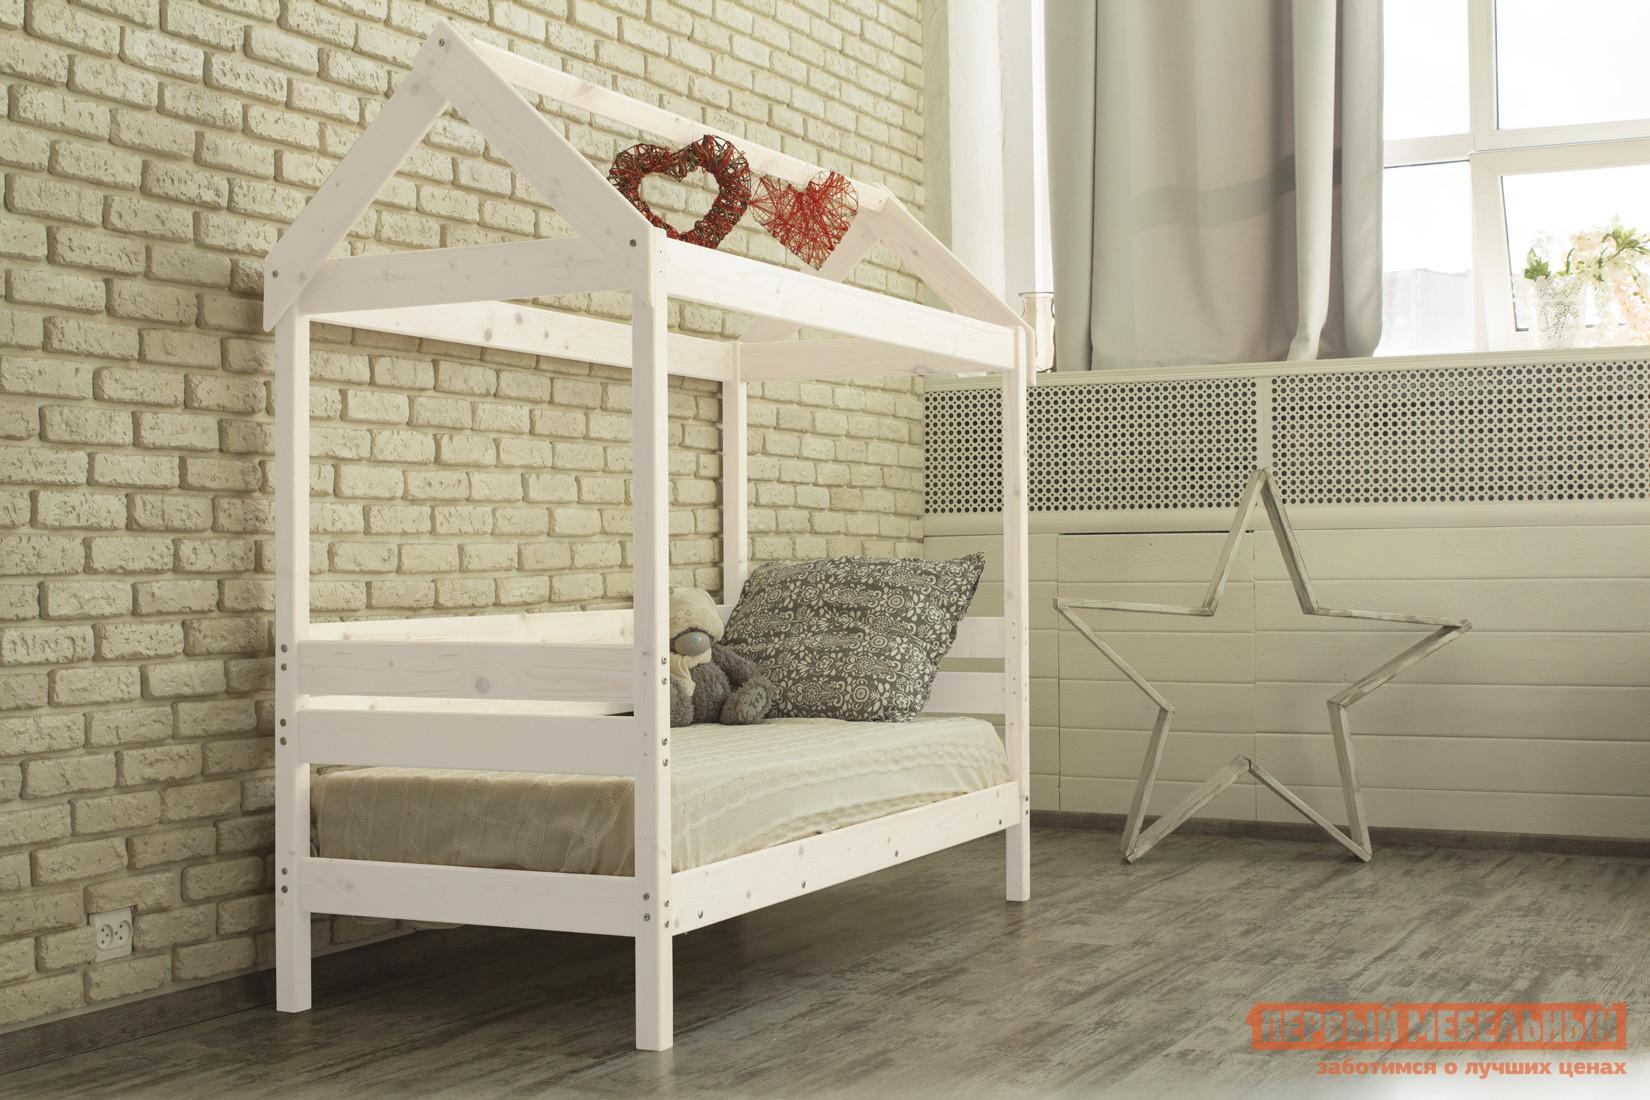 Детская кровать-домик Green mebel Домик / Вингс детская кровать домик андерсон дрима н